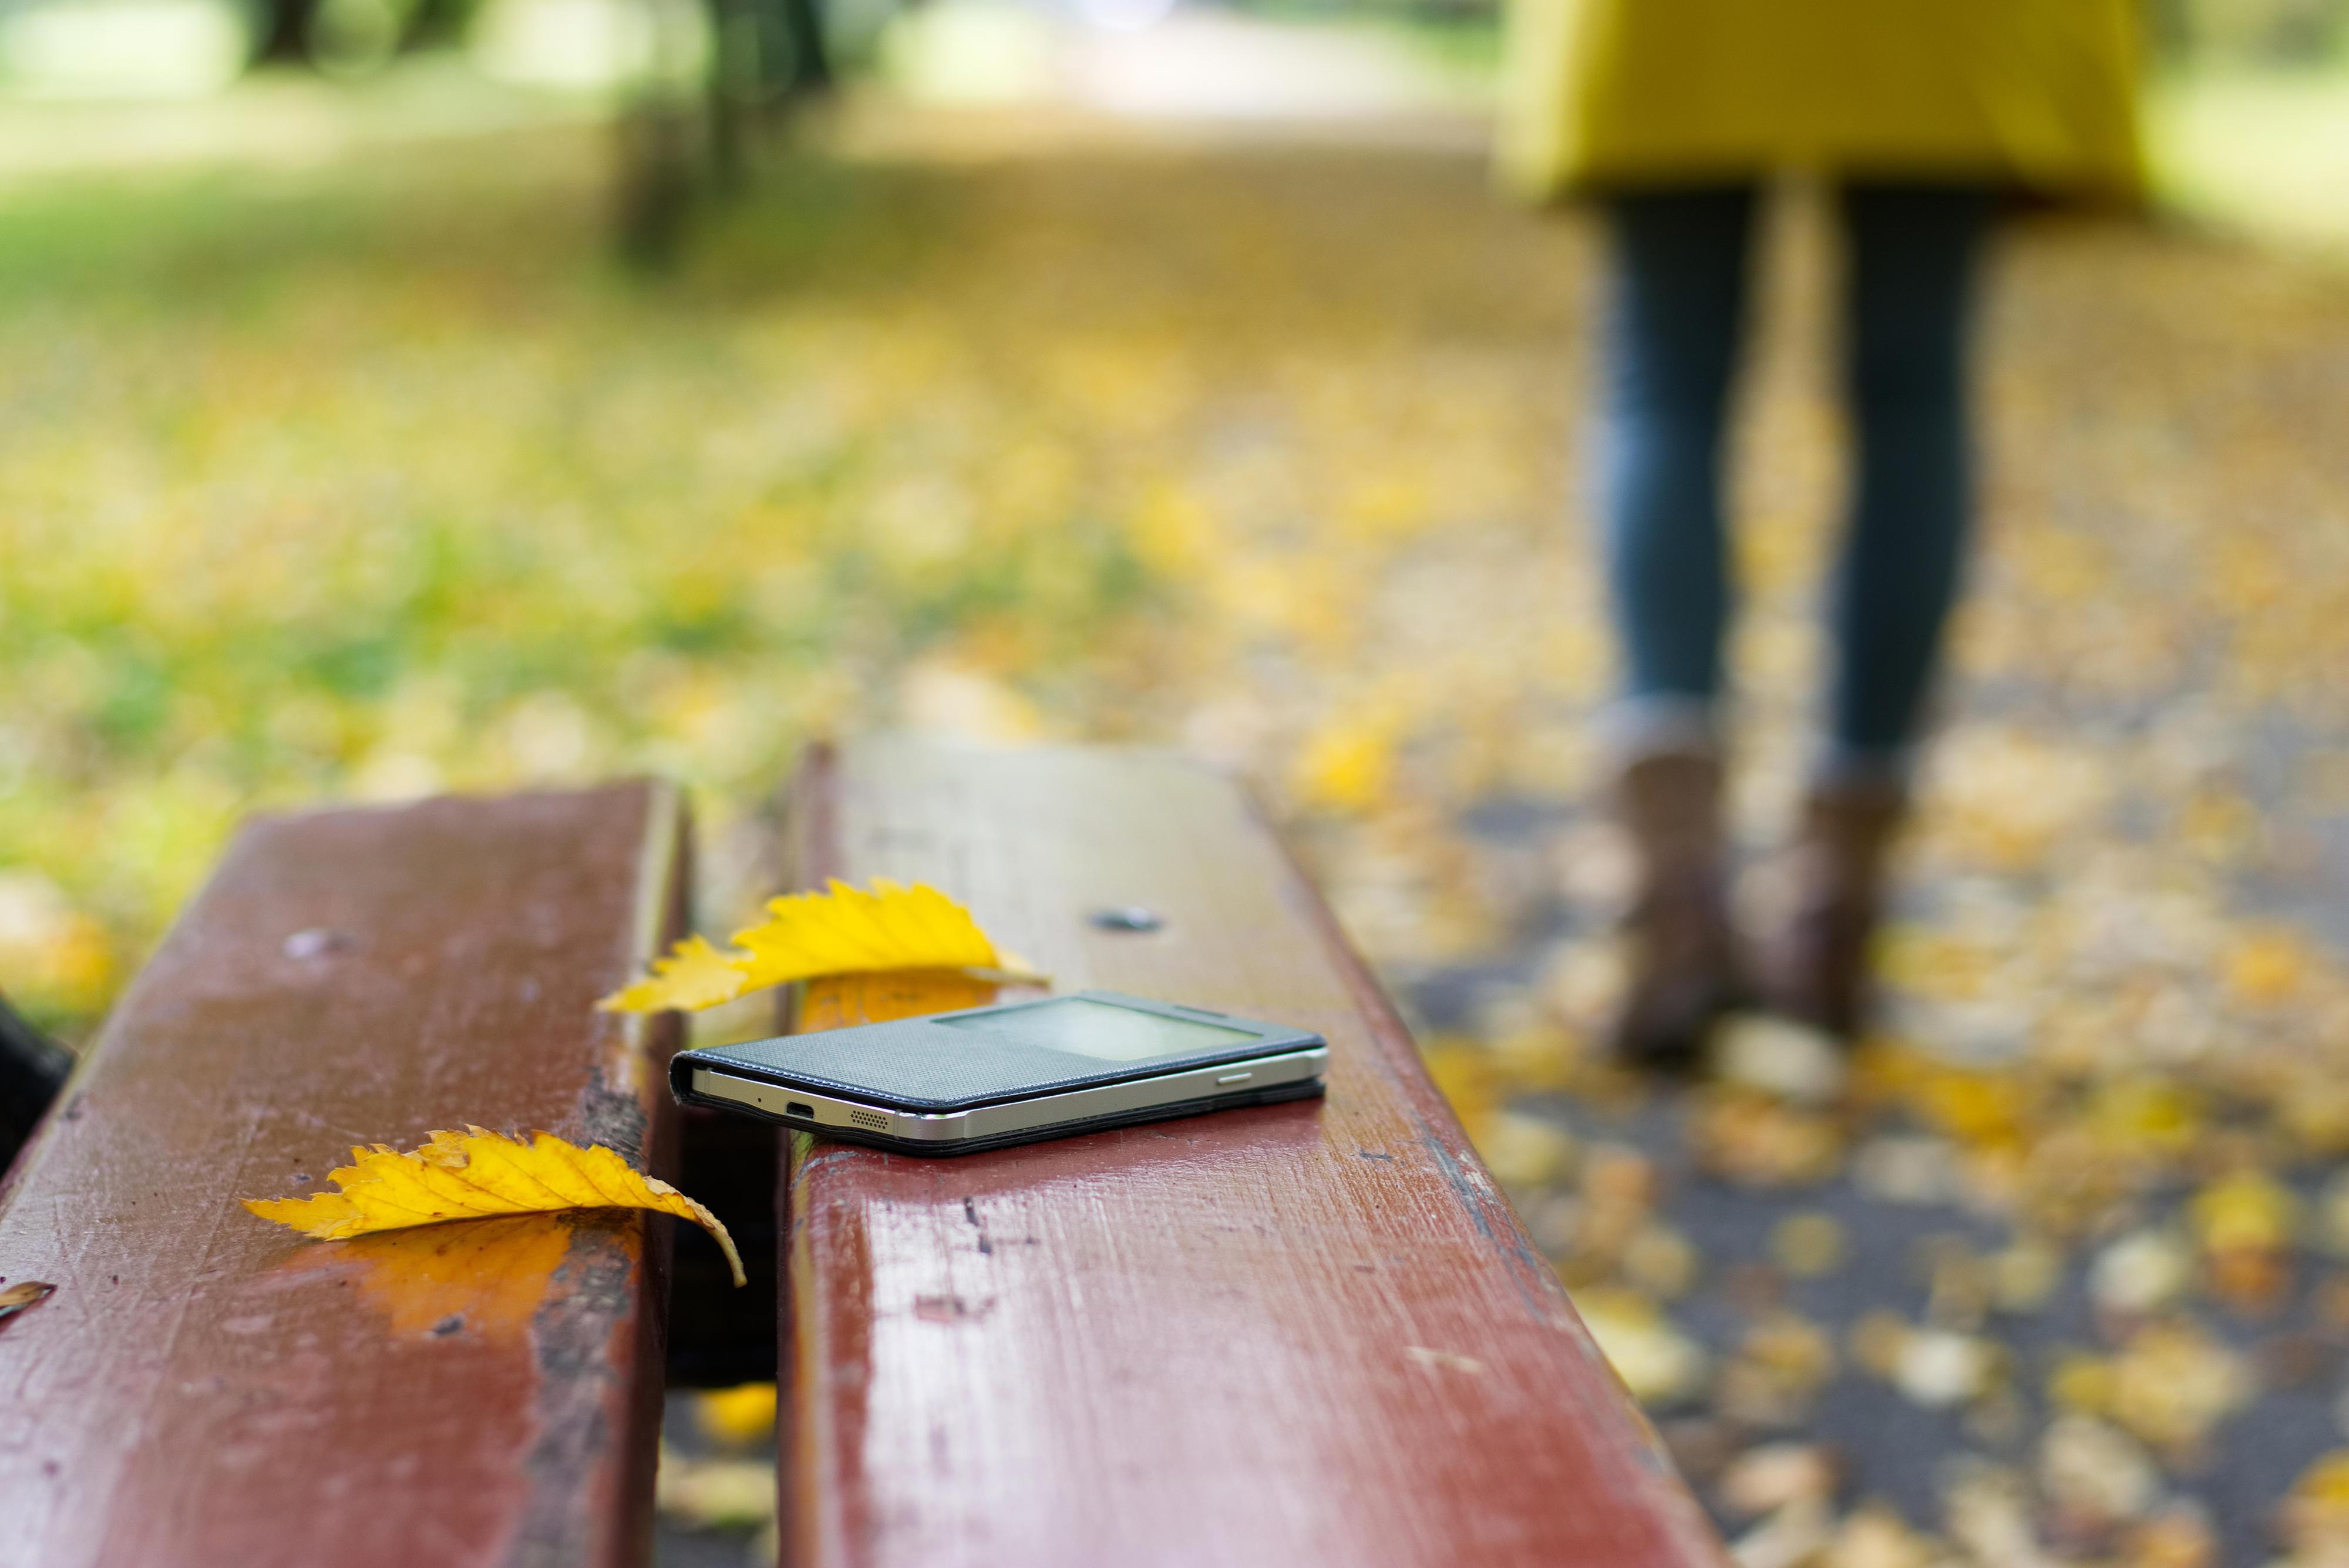 Mit diesem Lifehack kriegst du dein verlorenes Handy wieder! | BRIGITTE.de